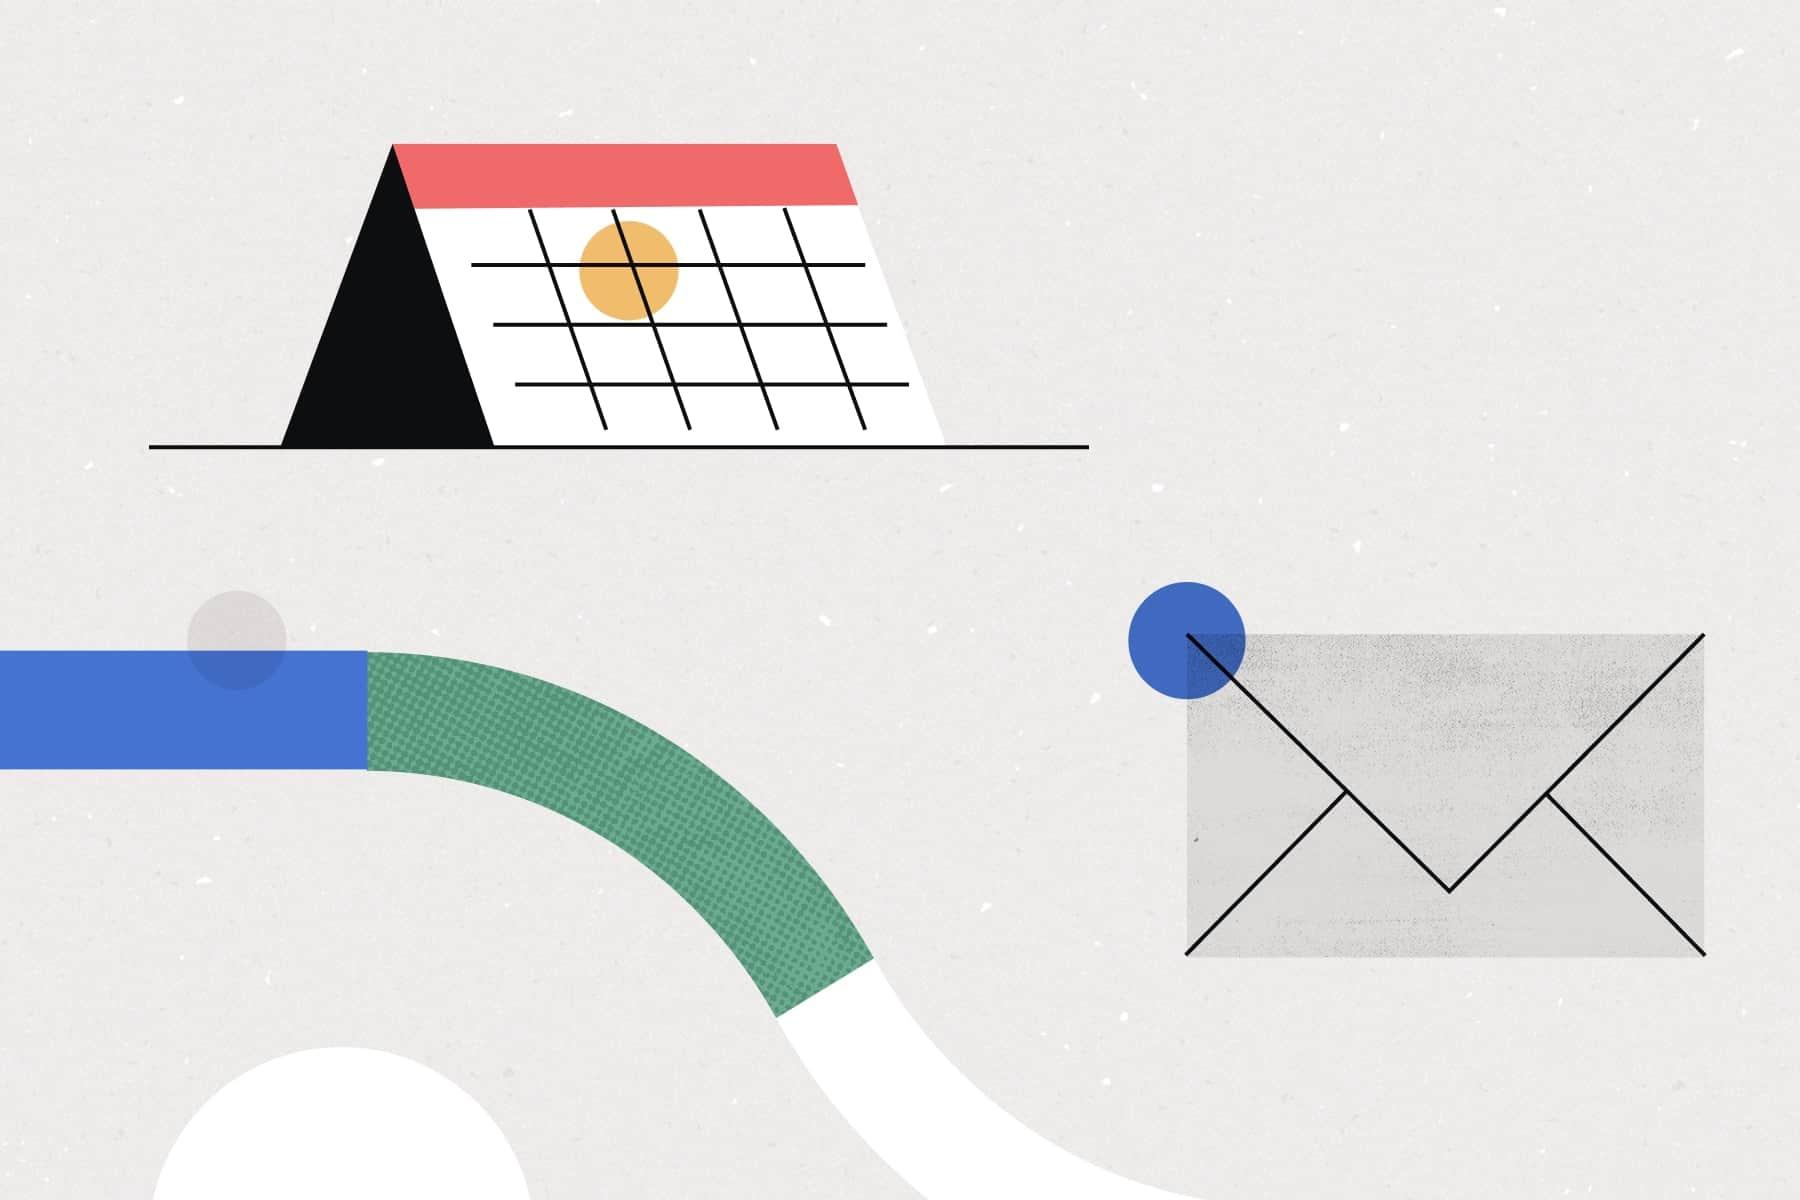 Die beste Alternative zu Zeitplänen und Kalendern in Excel– Artikel-Bannerbild